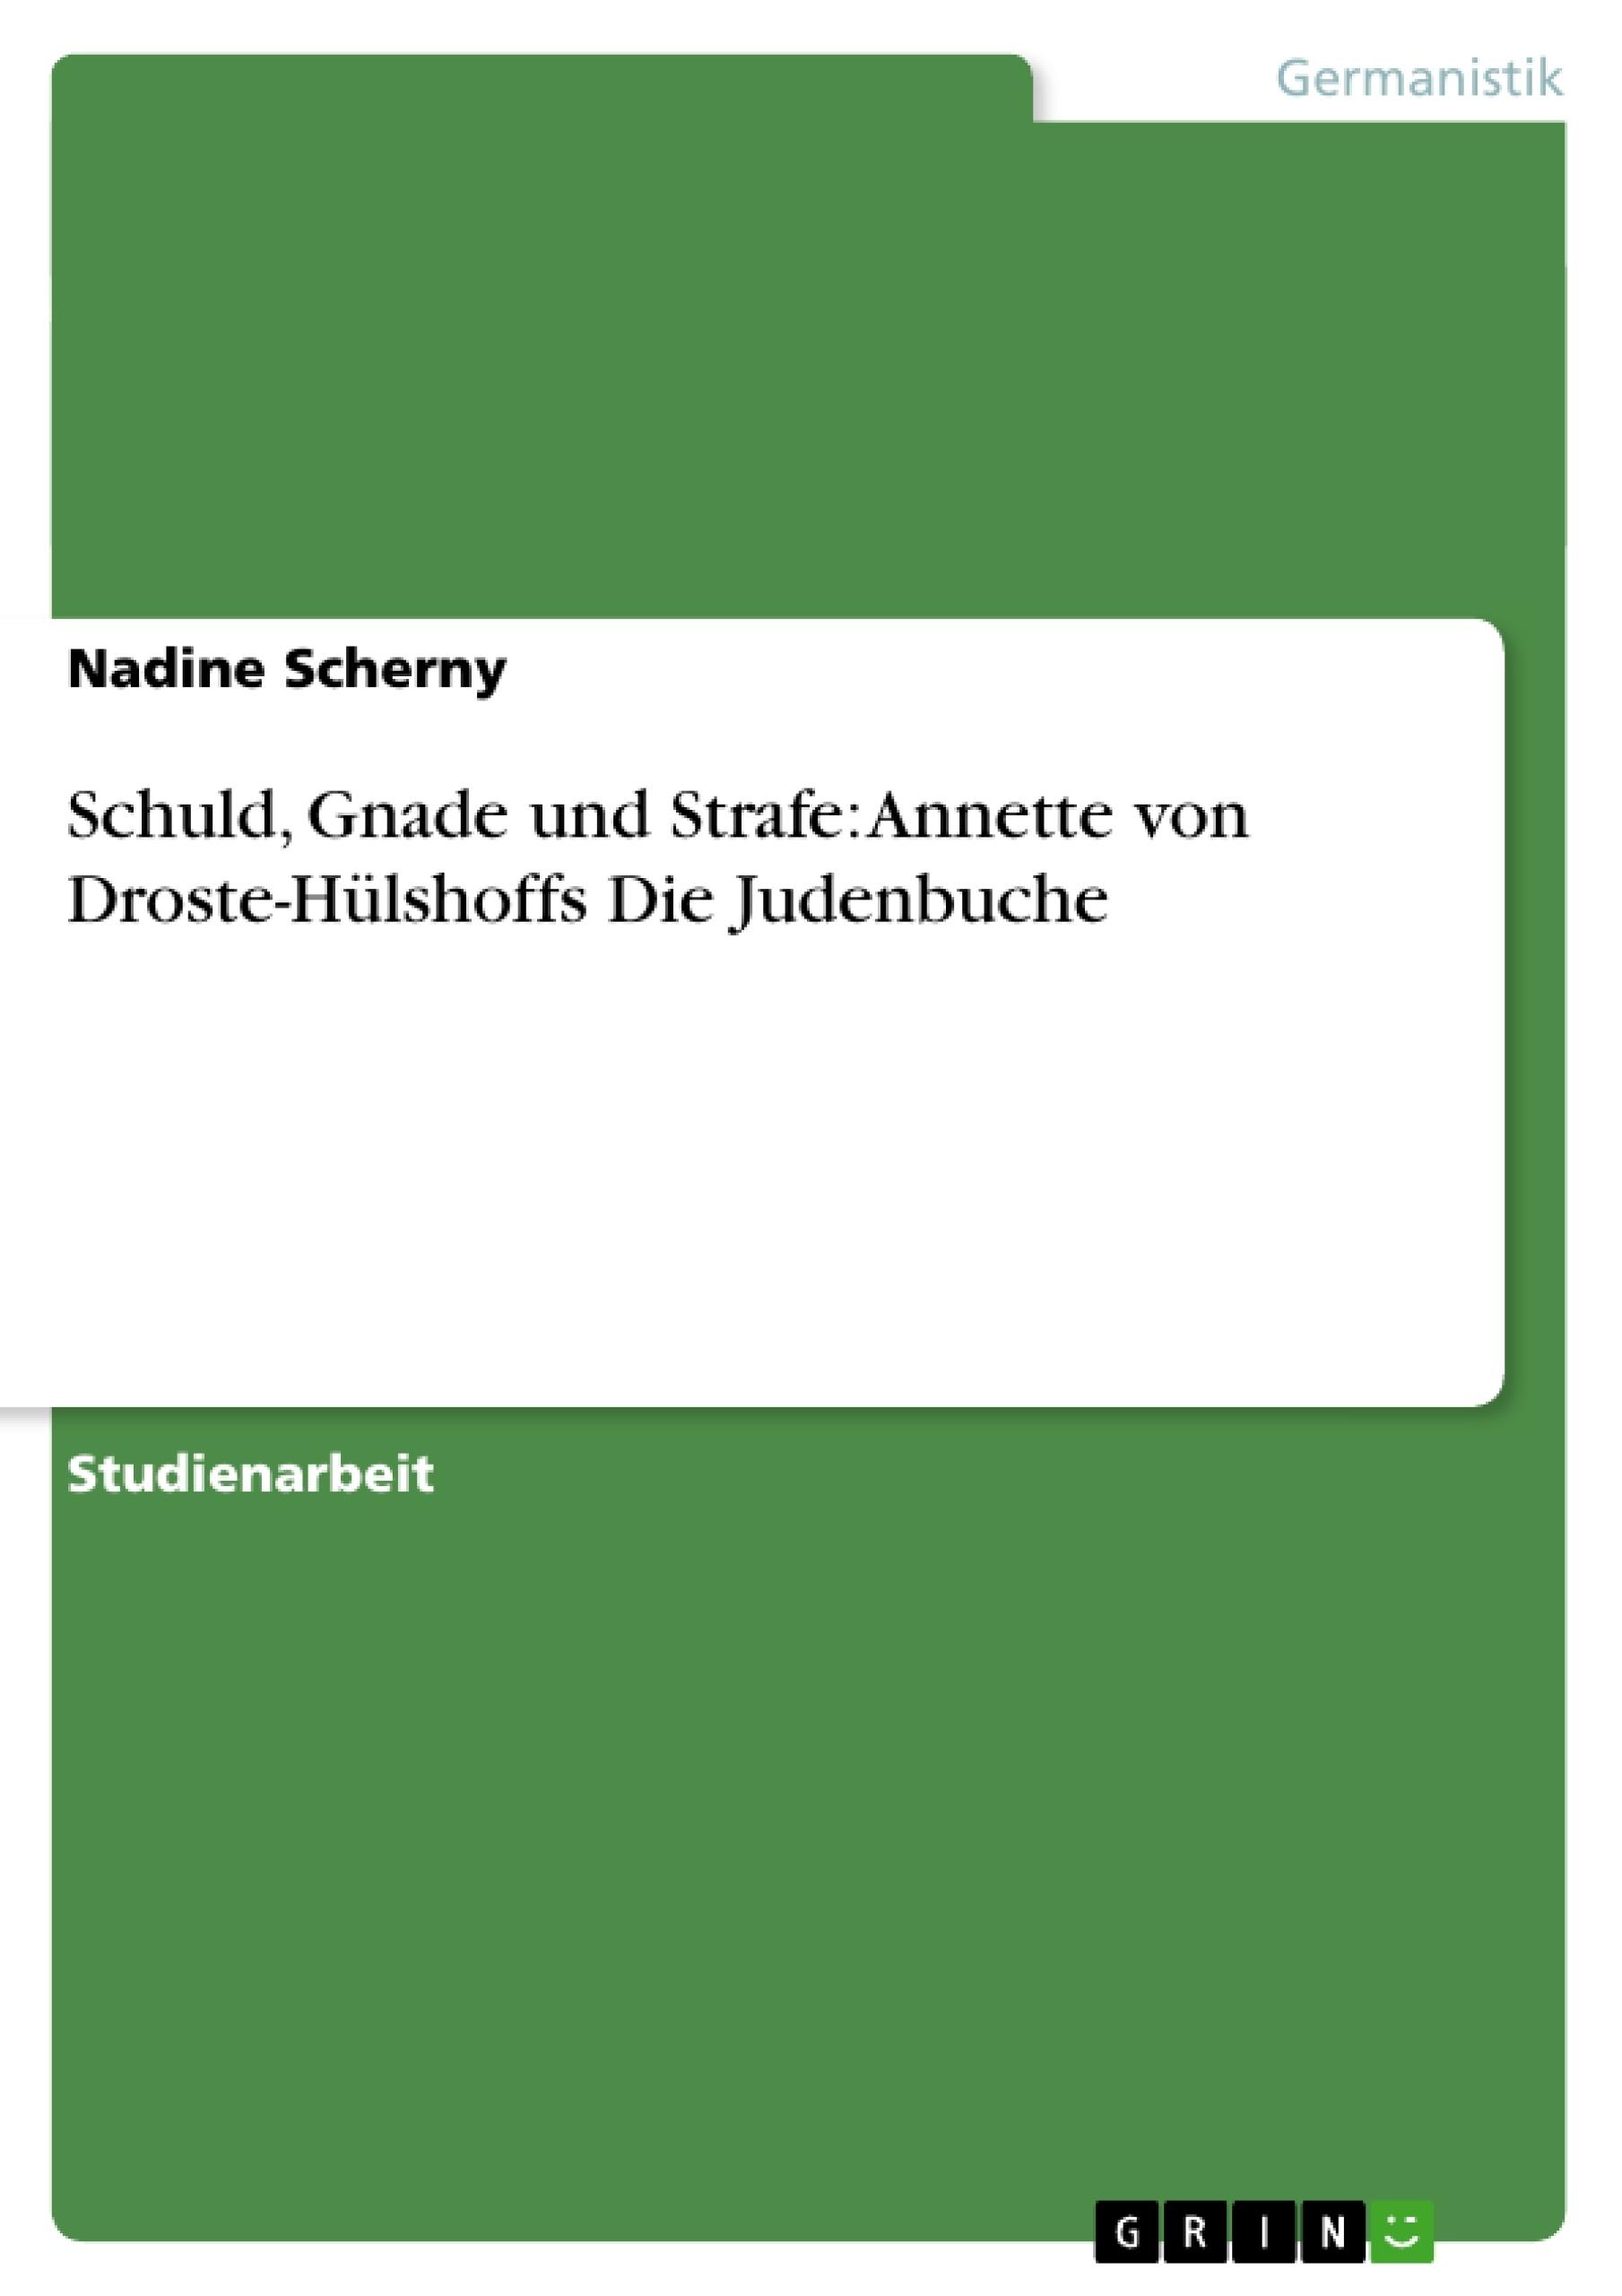 Titel: Schuld, Gnade und Strafe: Annette von Droste-Hülshoffs Die Judenbuche